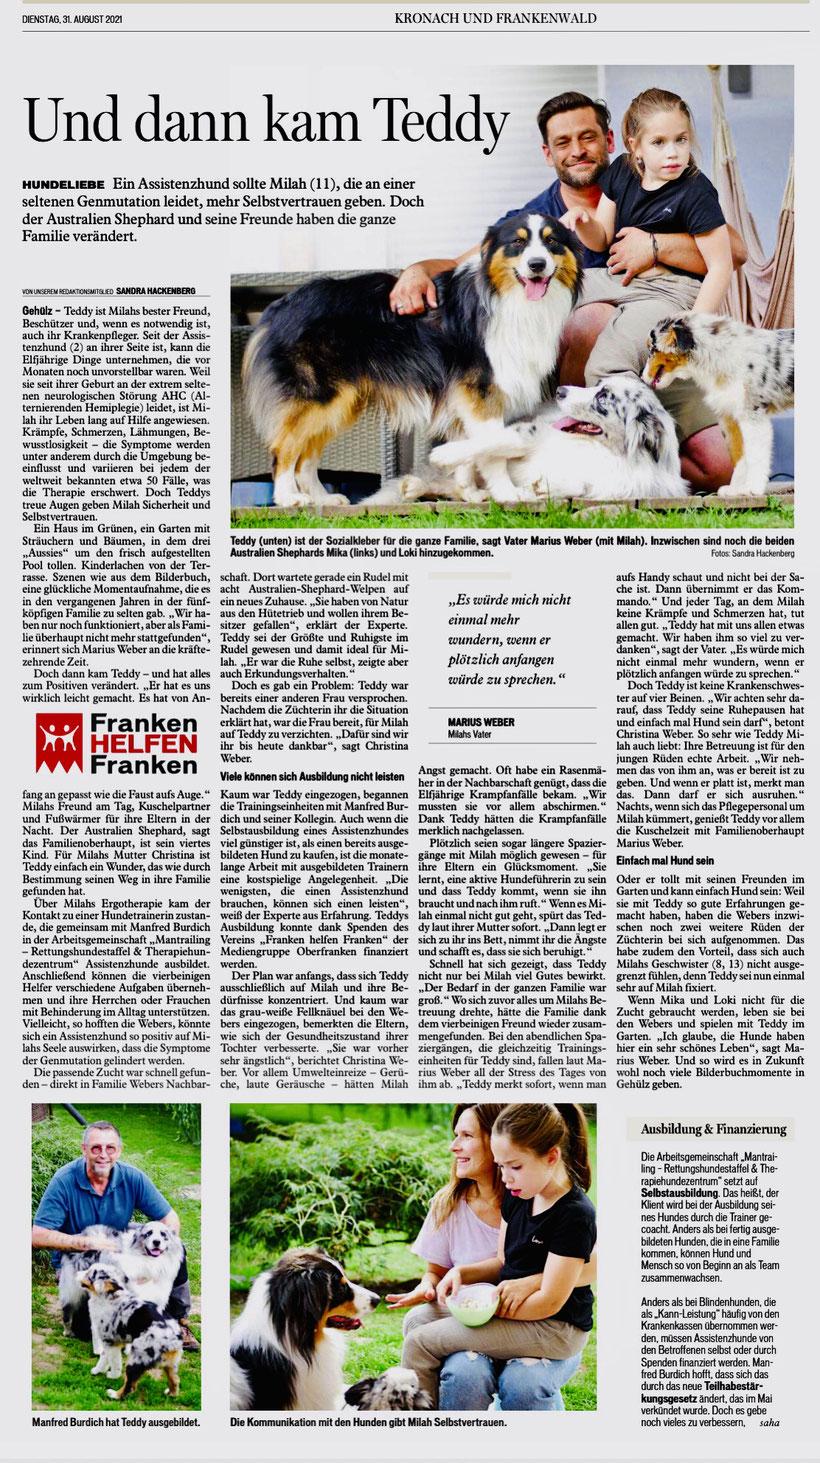 """Zeitungsartikel Kronach und Frankenwald """"Und dann kam Teddy"""" vom 31.08.2021"""